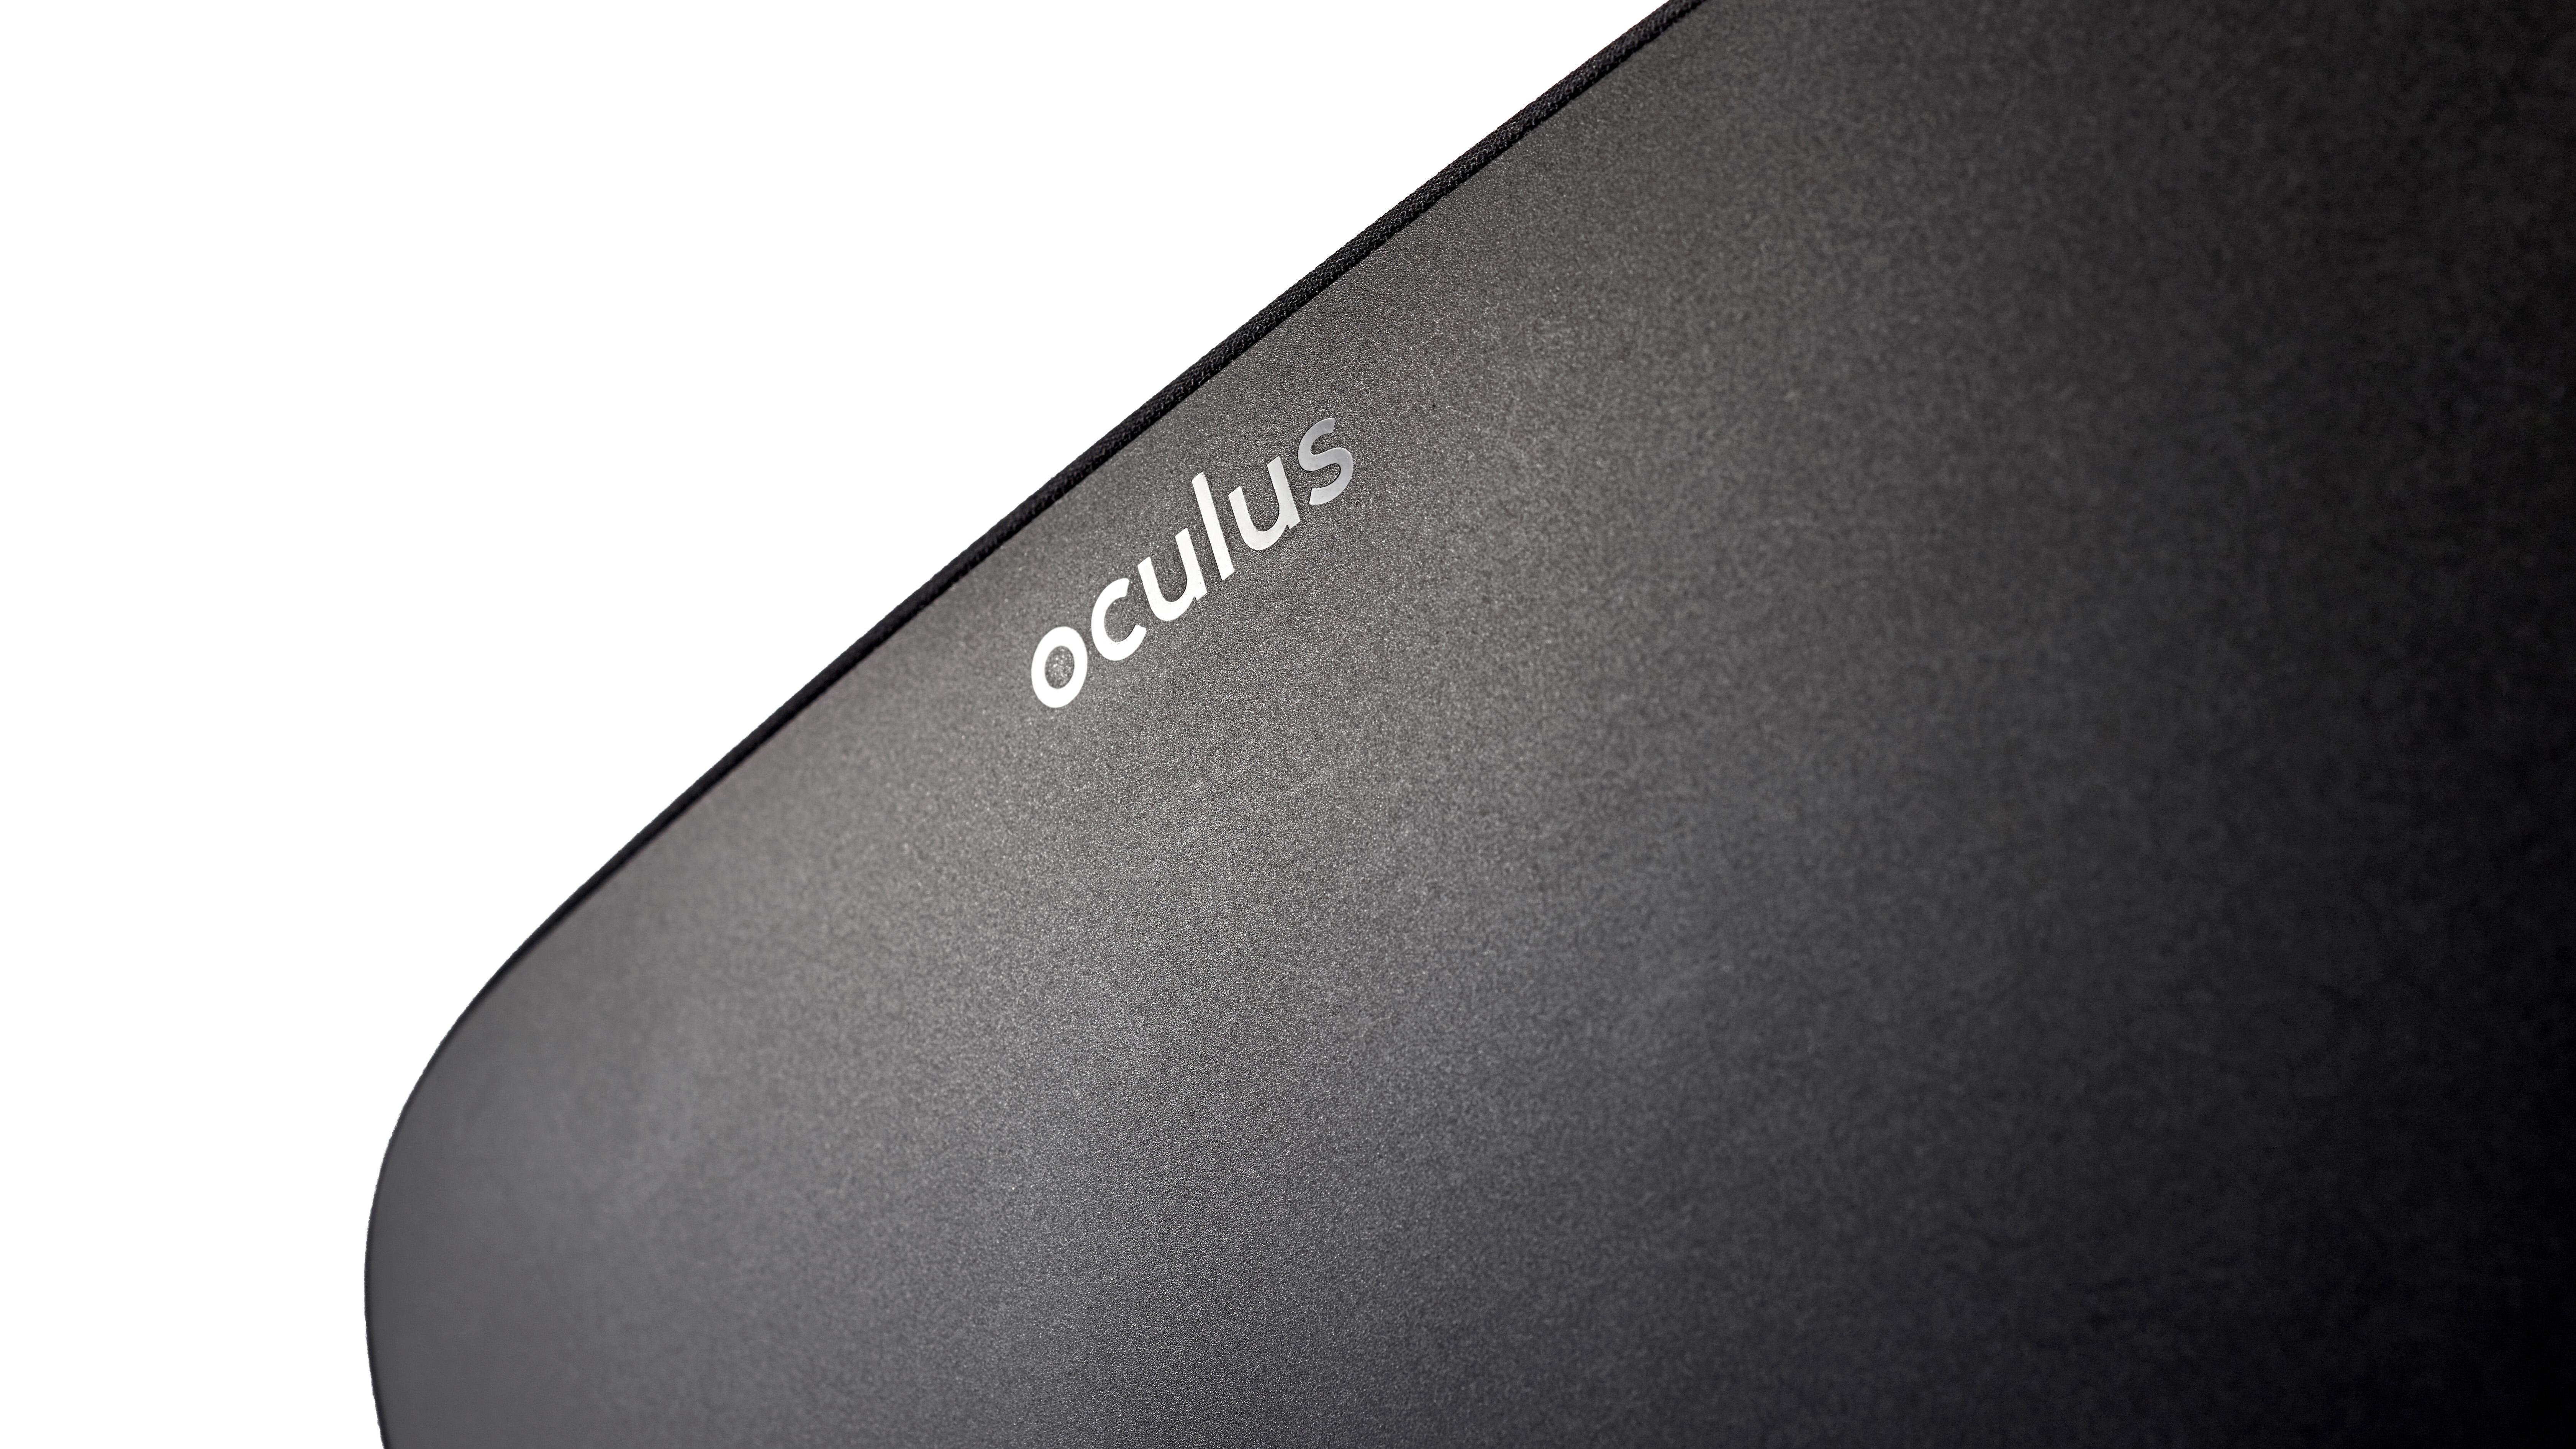 Oculus Rift review